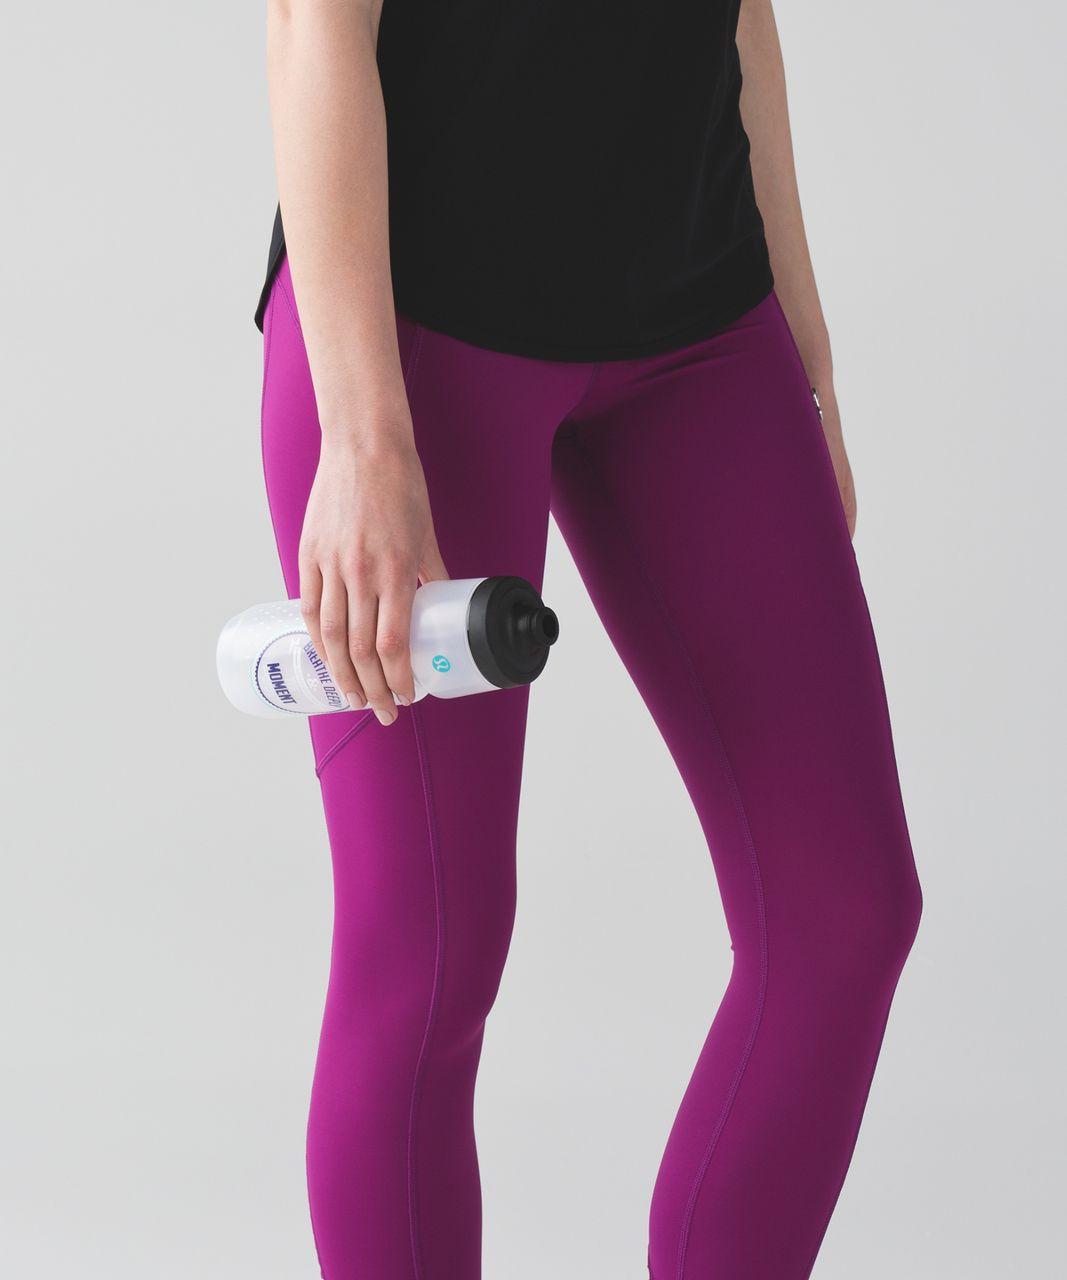 Lululemon Purist Cycling Waterbottle - Breathe Deeply Dottie White Stony Grape